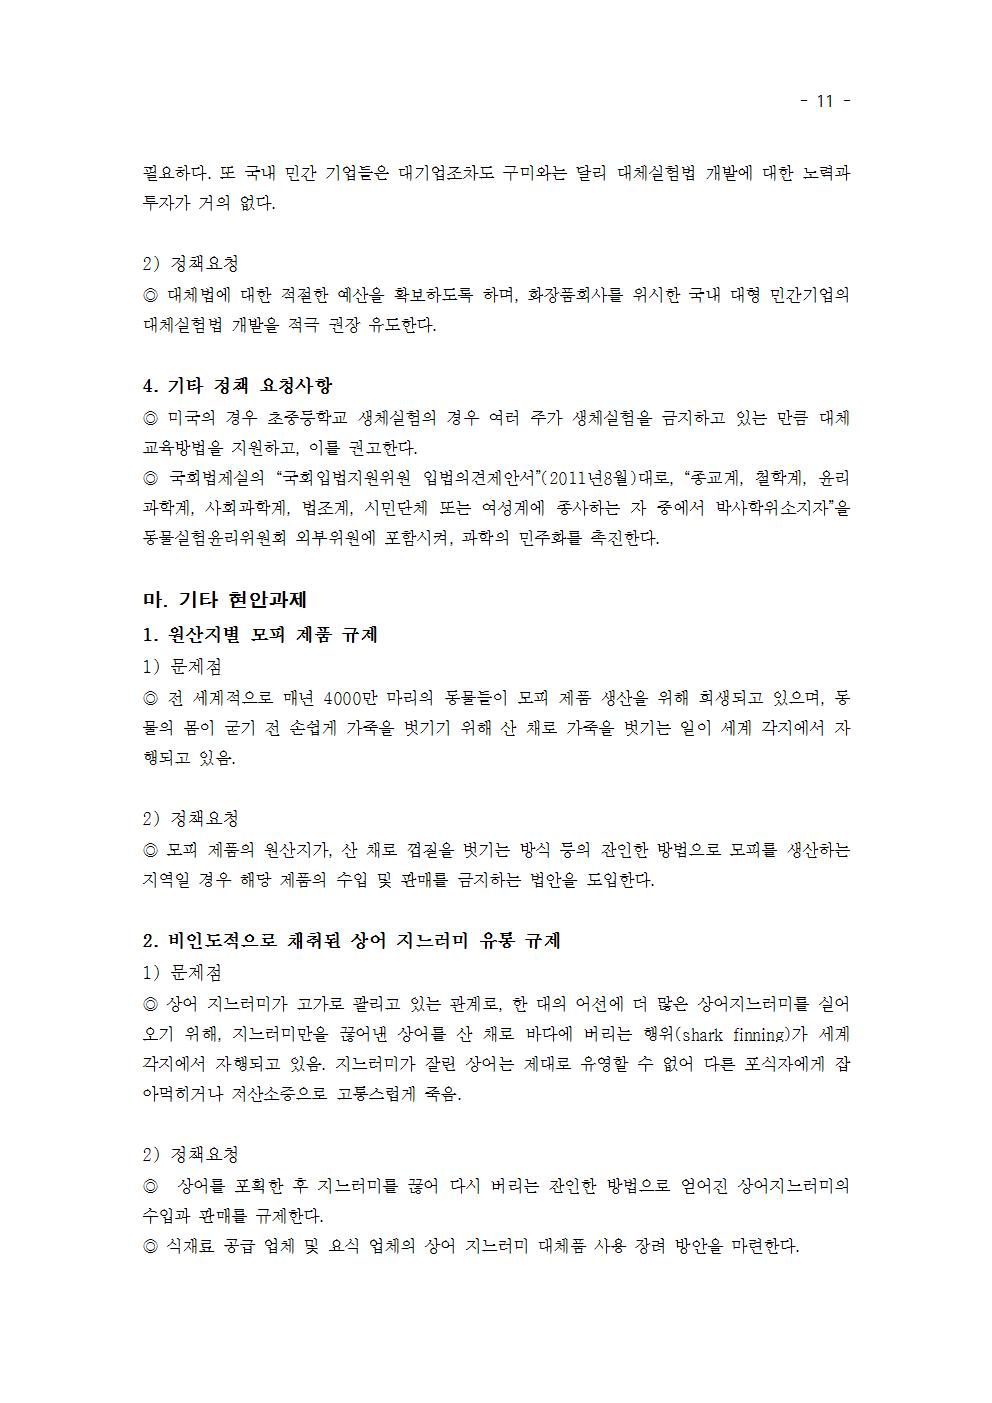 제안서_2012_대선3후보_게시_단축014.png